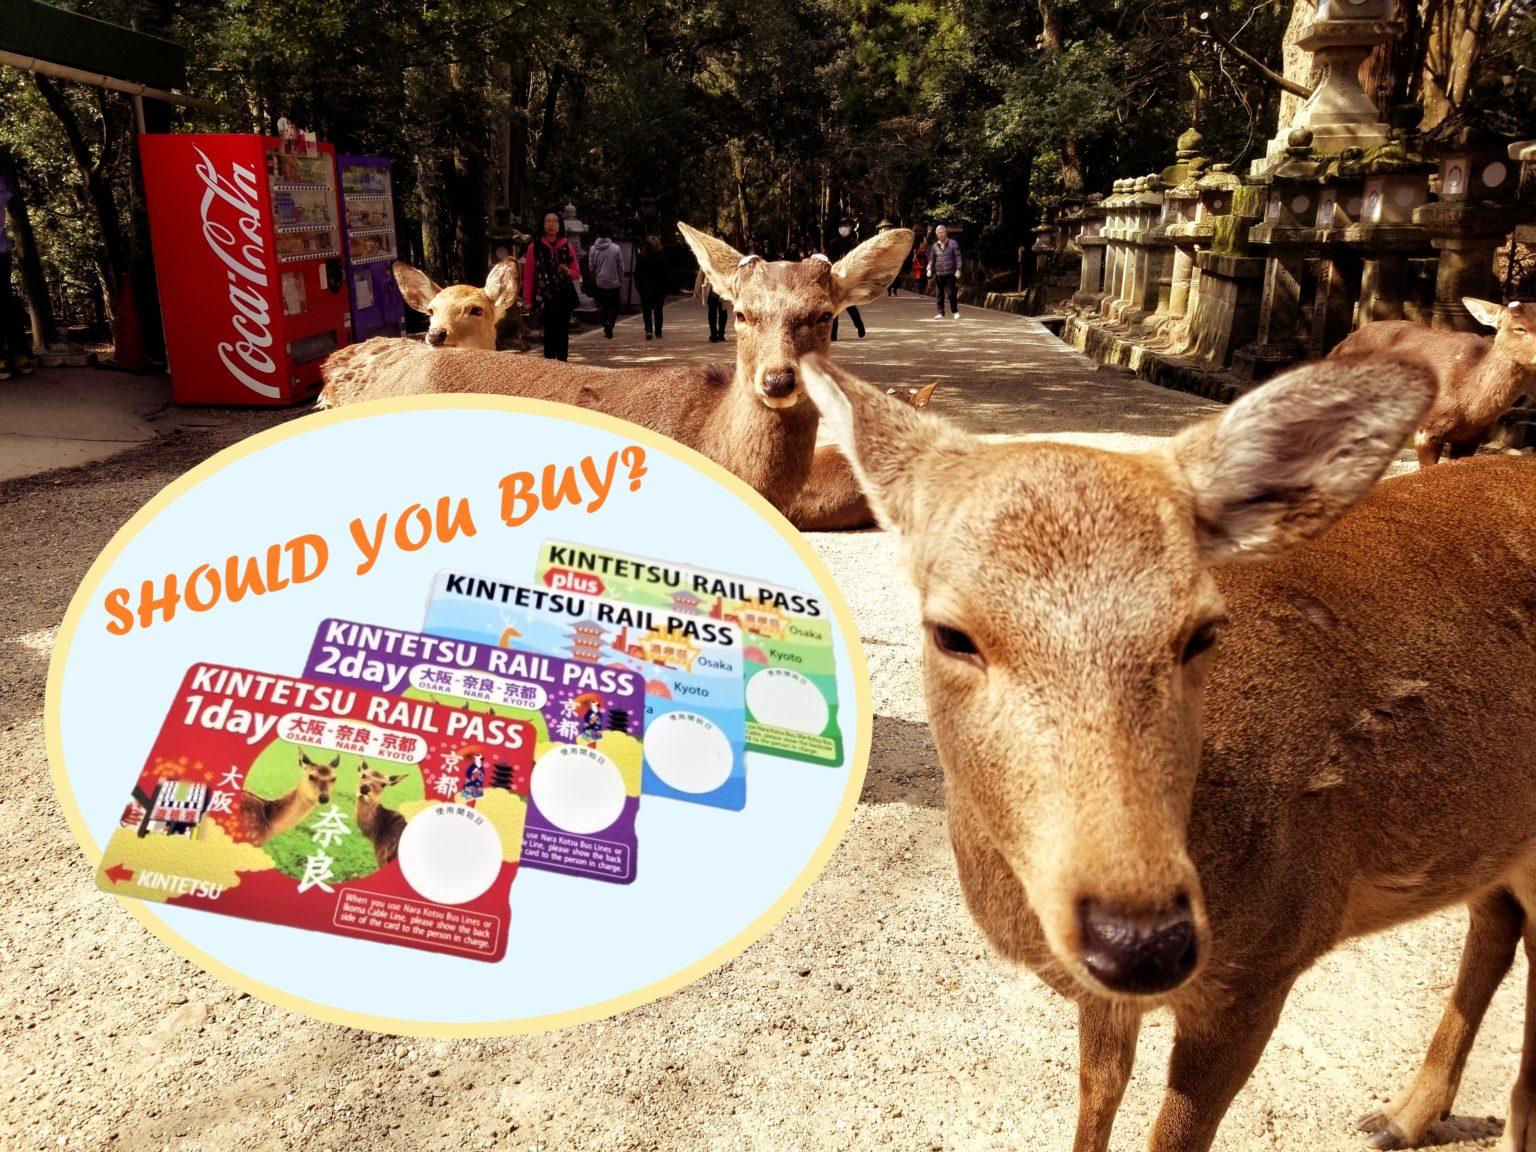 Should you buy Kintetsu Rail Pass?